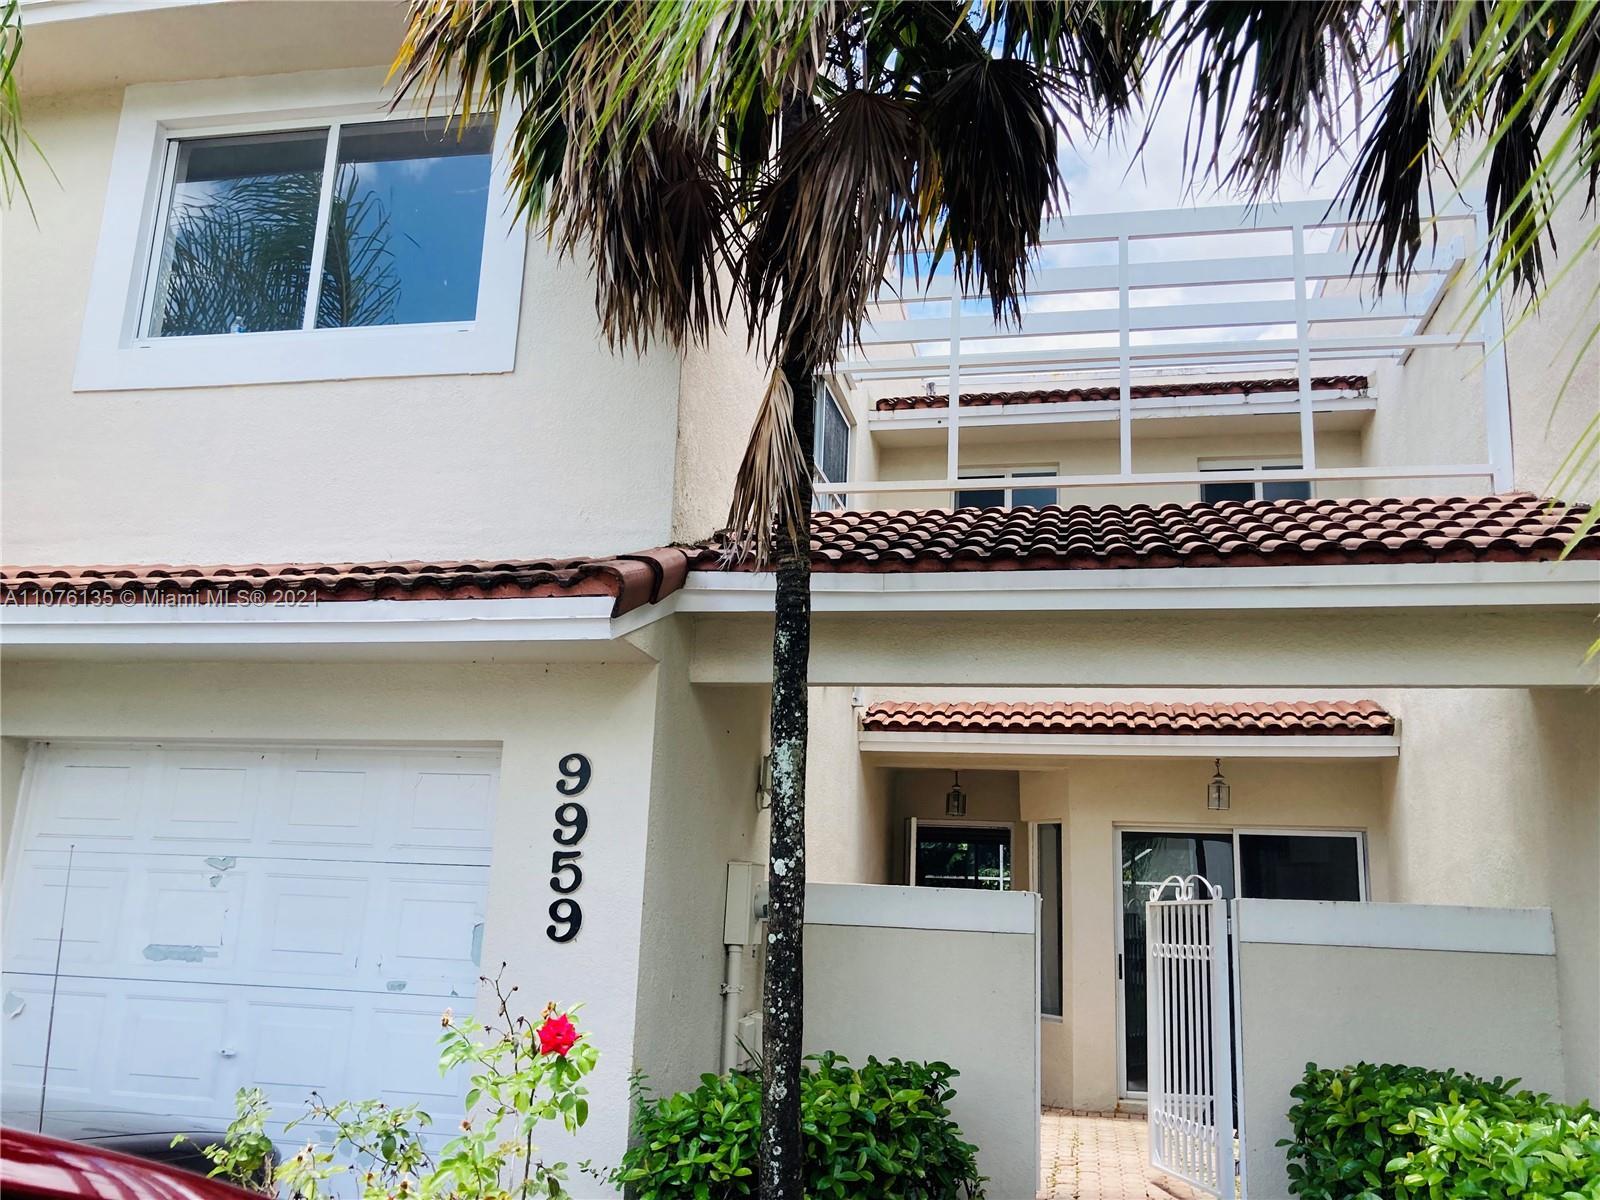 Doral Park #9959 - 9959 NW 43rd Ter #9959, Doral, FL 33178